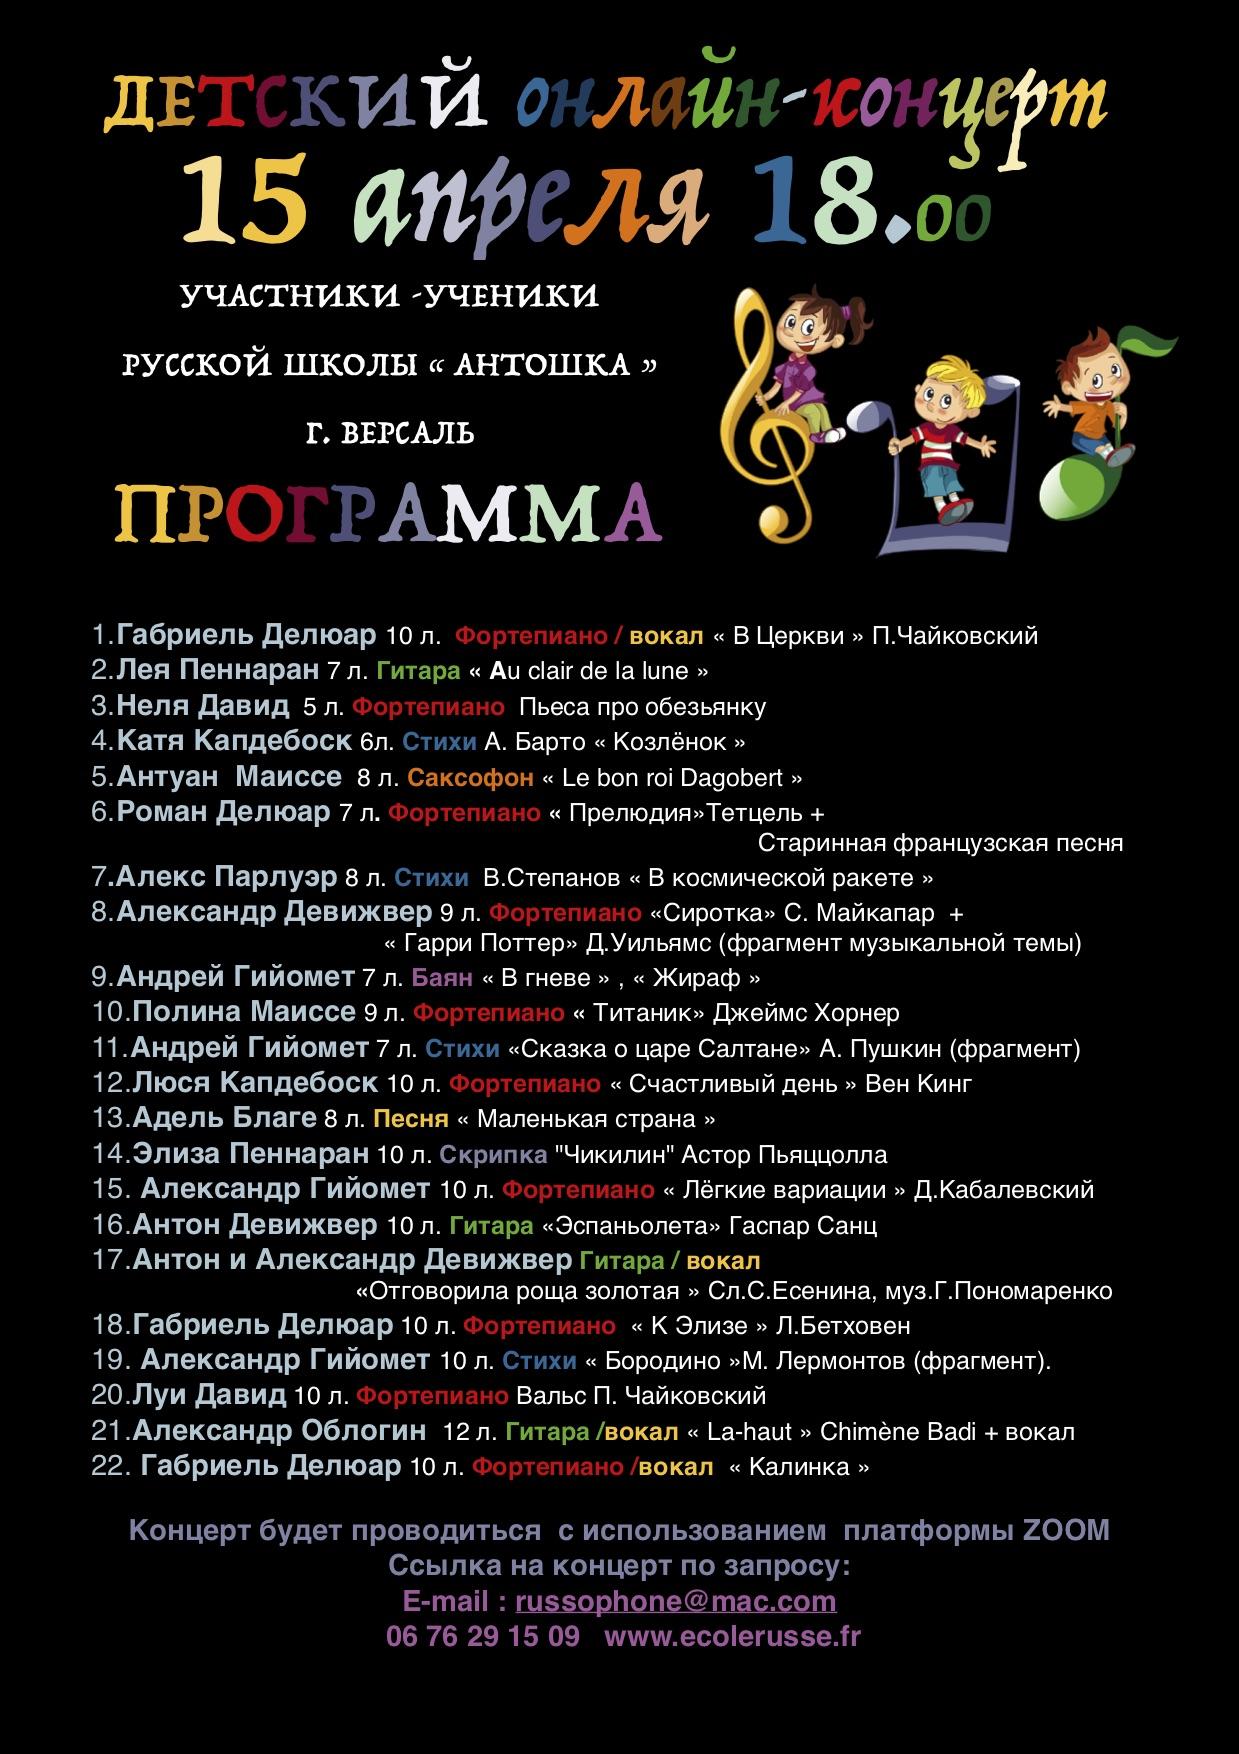 """ДЕТСКИЙ ОНЛАЙН-КОНЦЕРТ учеников """"Антошки"""" 15.04.20"""